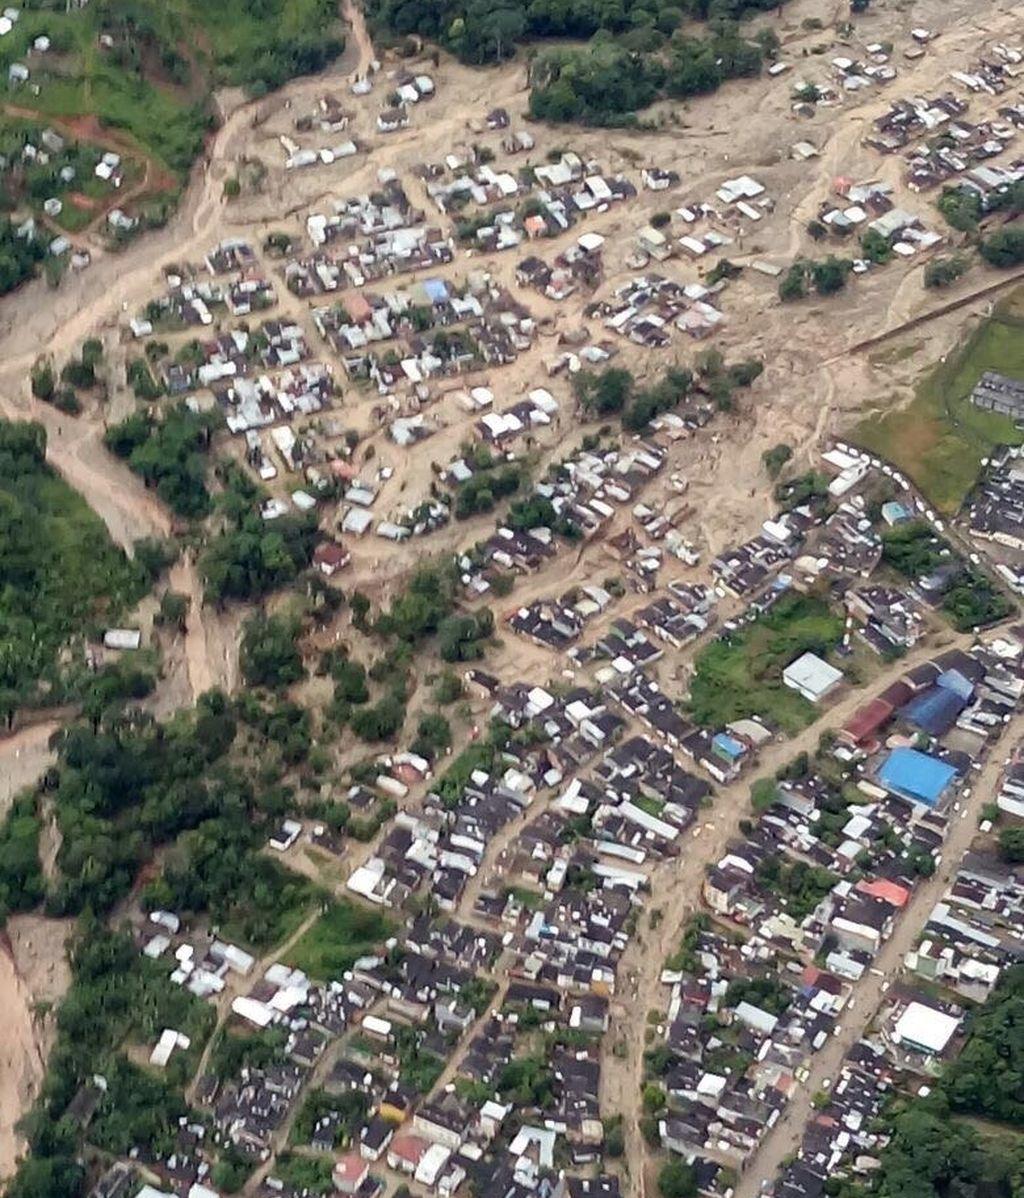 Al menos 254 personas han fallecido por la crecida de tres ríos que arrasaron varios barrios de la ciudad de Mocoa